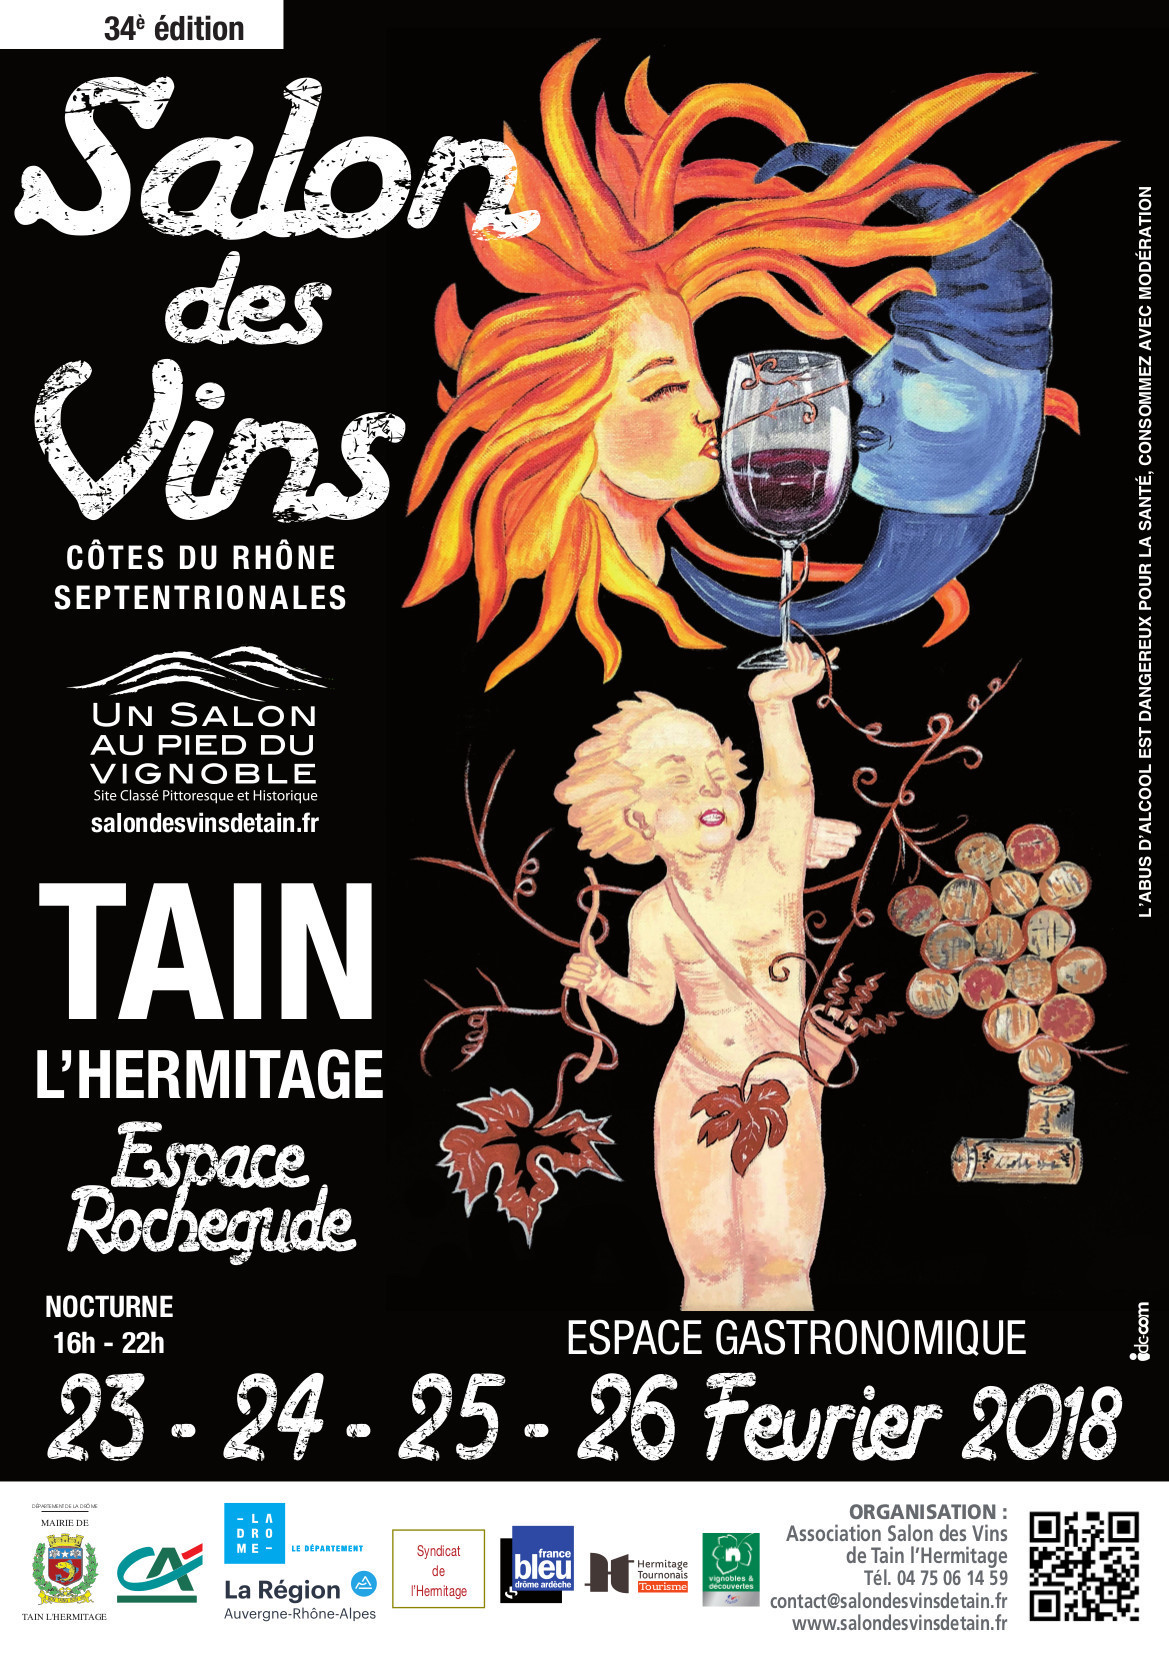 Salon des Vins Tain L'Hermitage 2018 - Domaine Gilles Robin